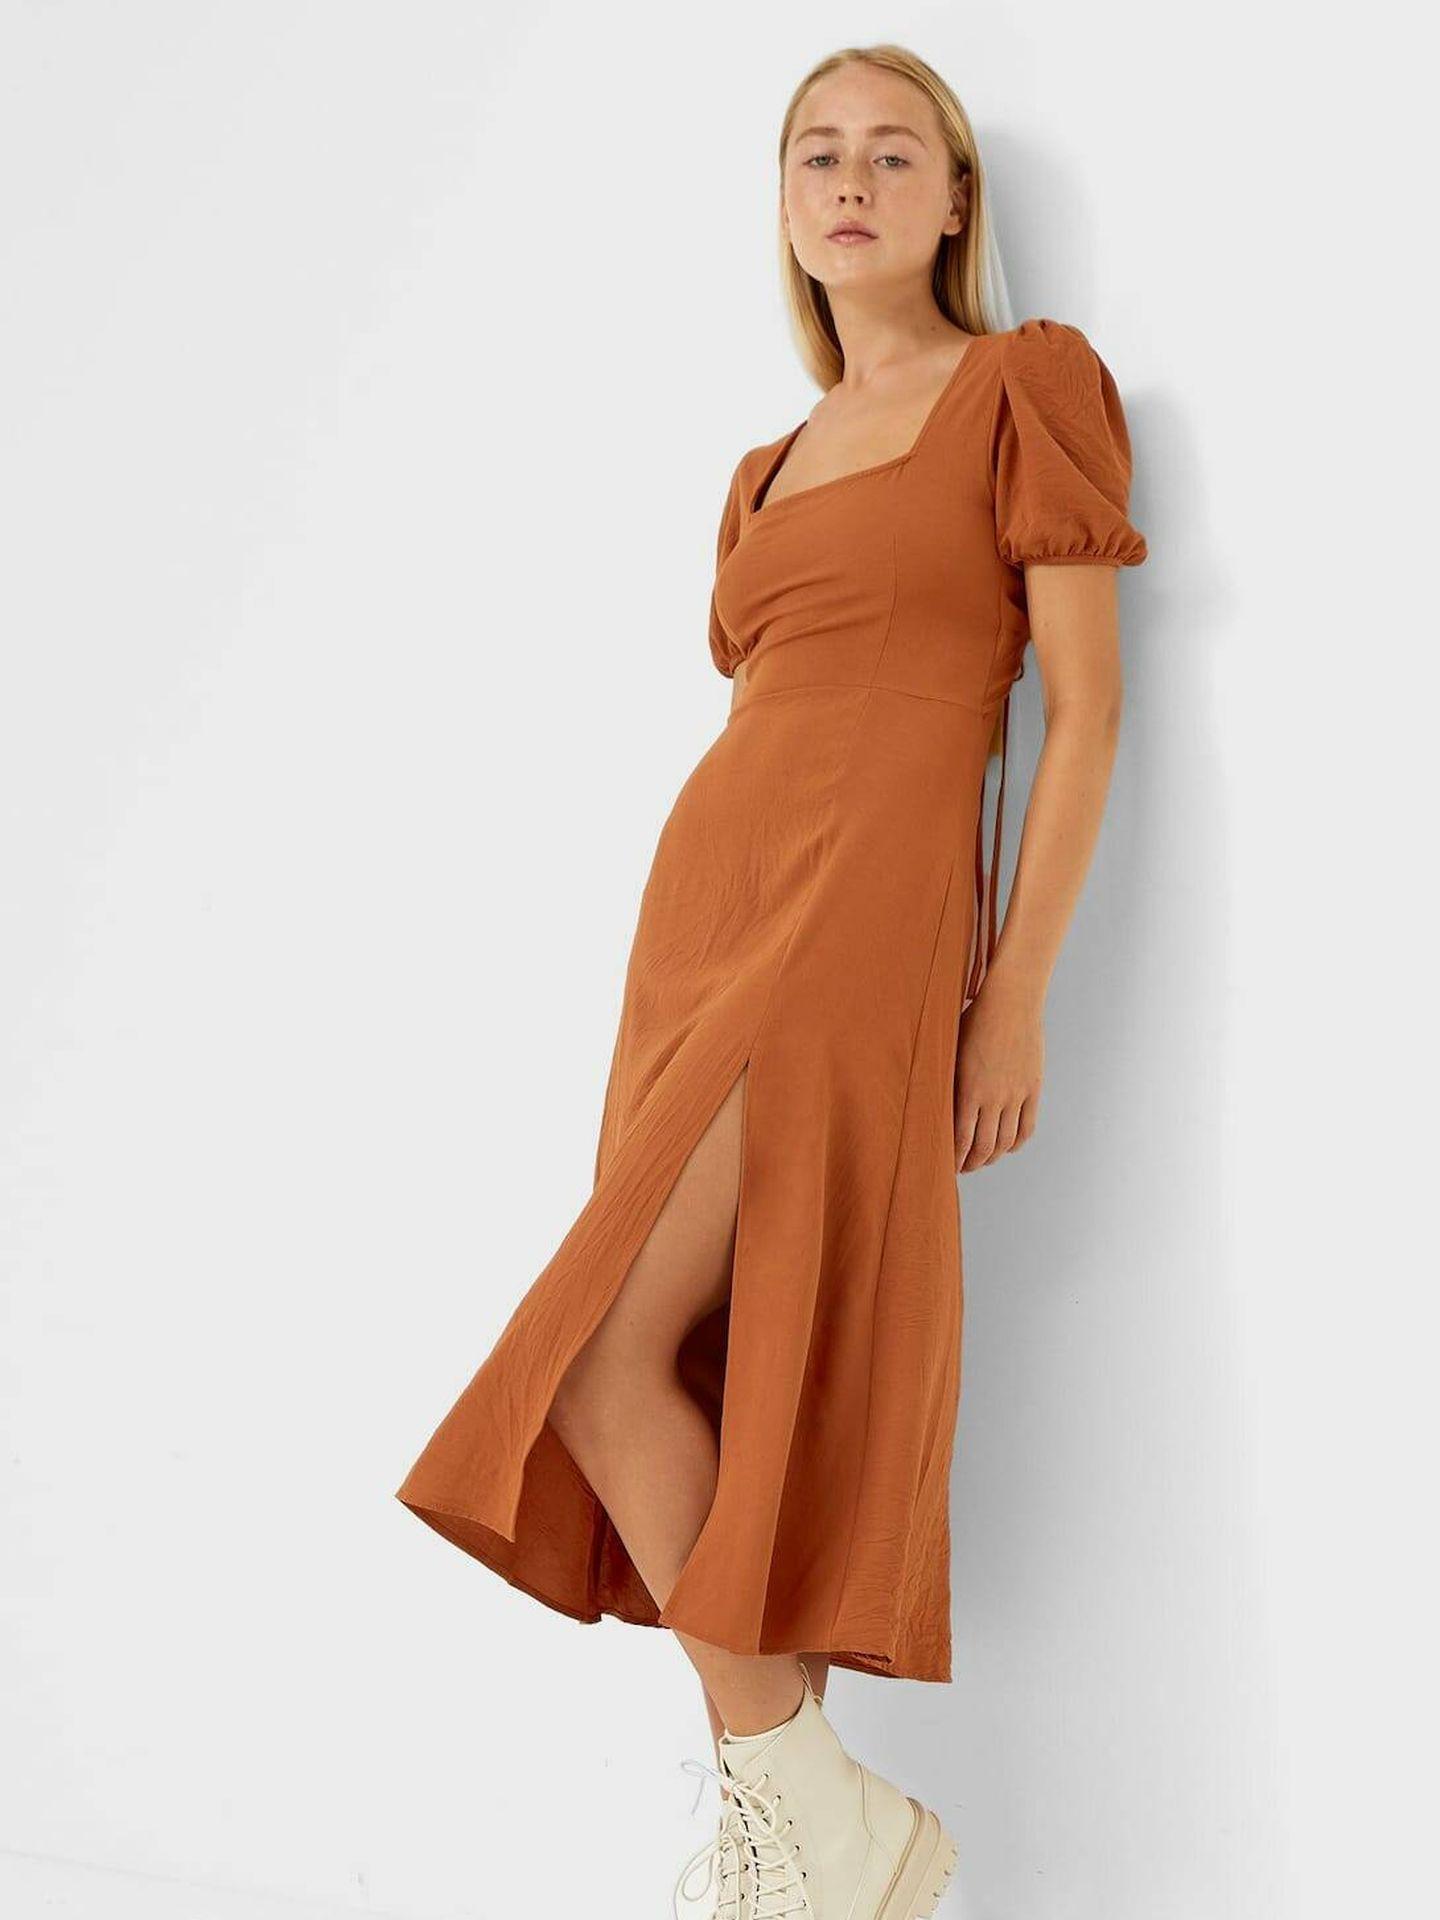 Vestido estampado de Zara. (Cortesía)